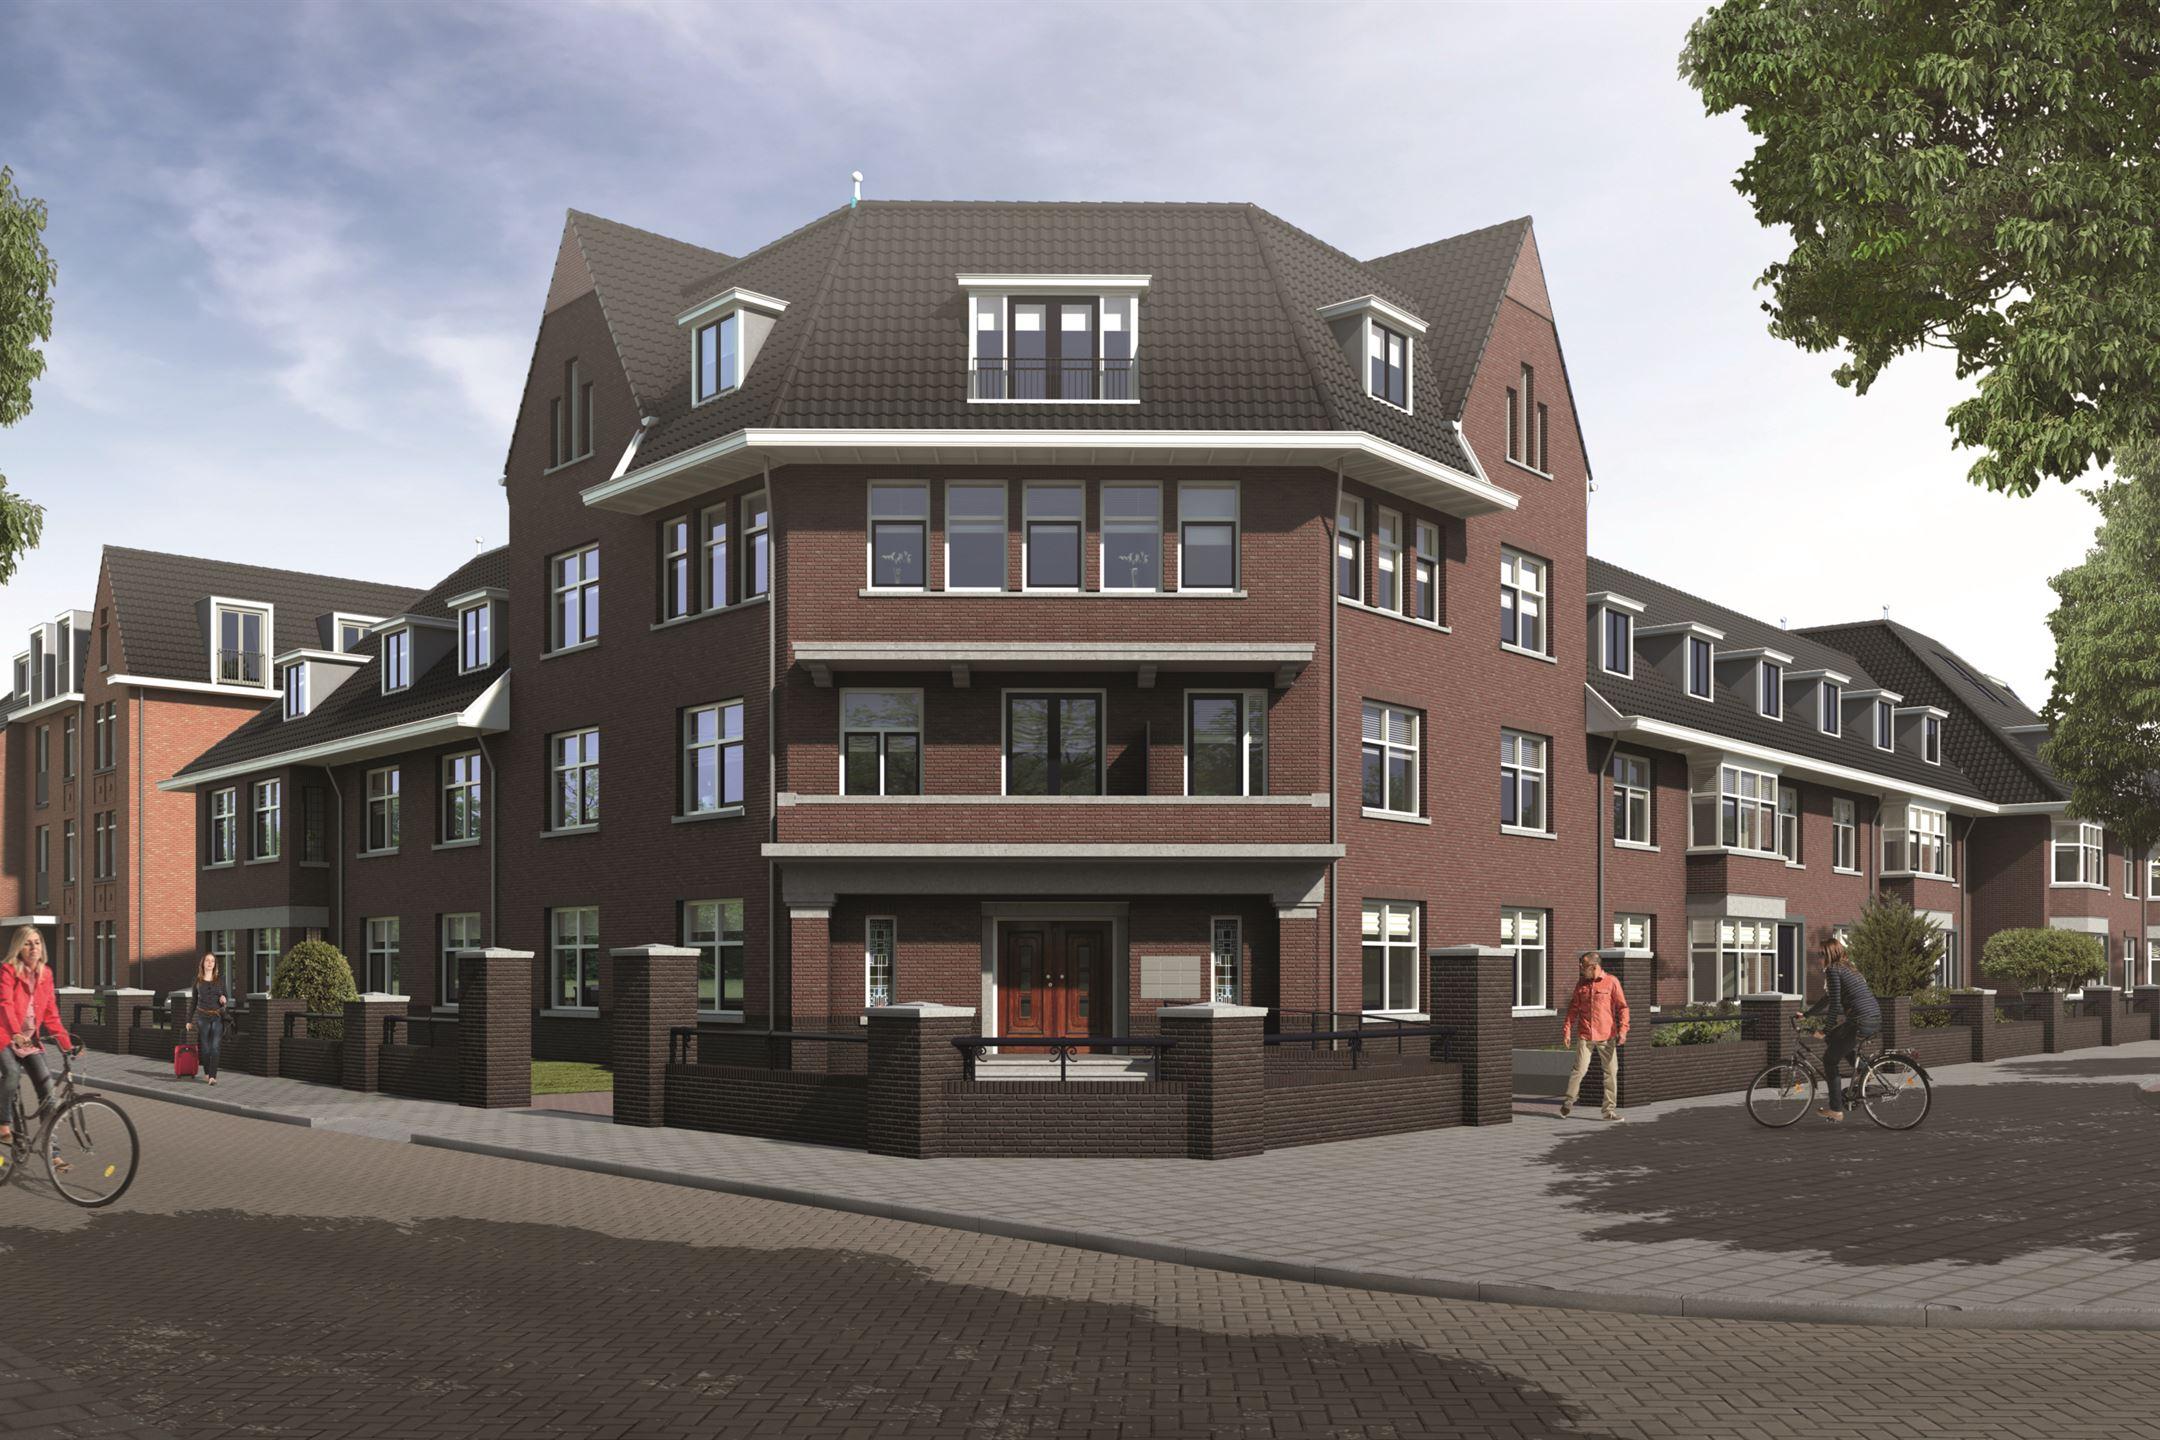 Appartement te koop: De Werve - Appartement - C (Bouwnr. 2) 4835 KP ...